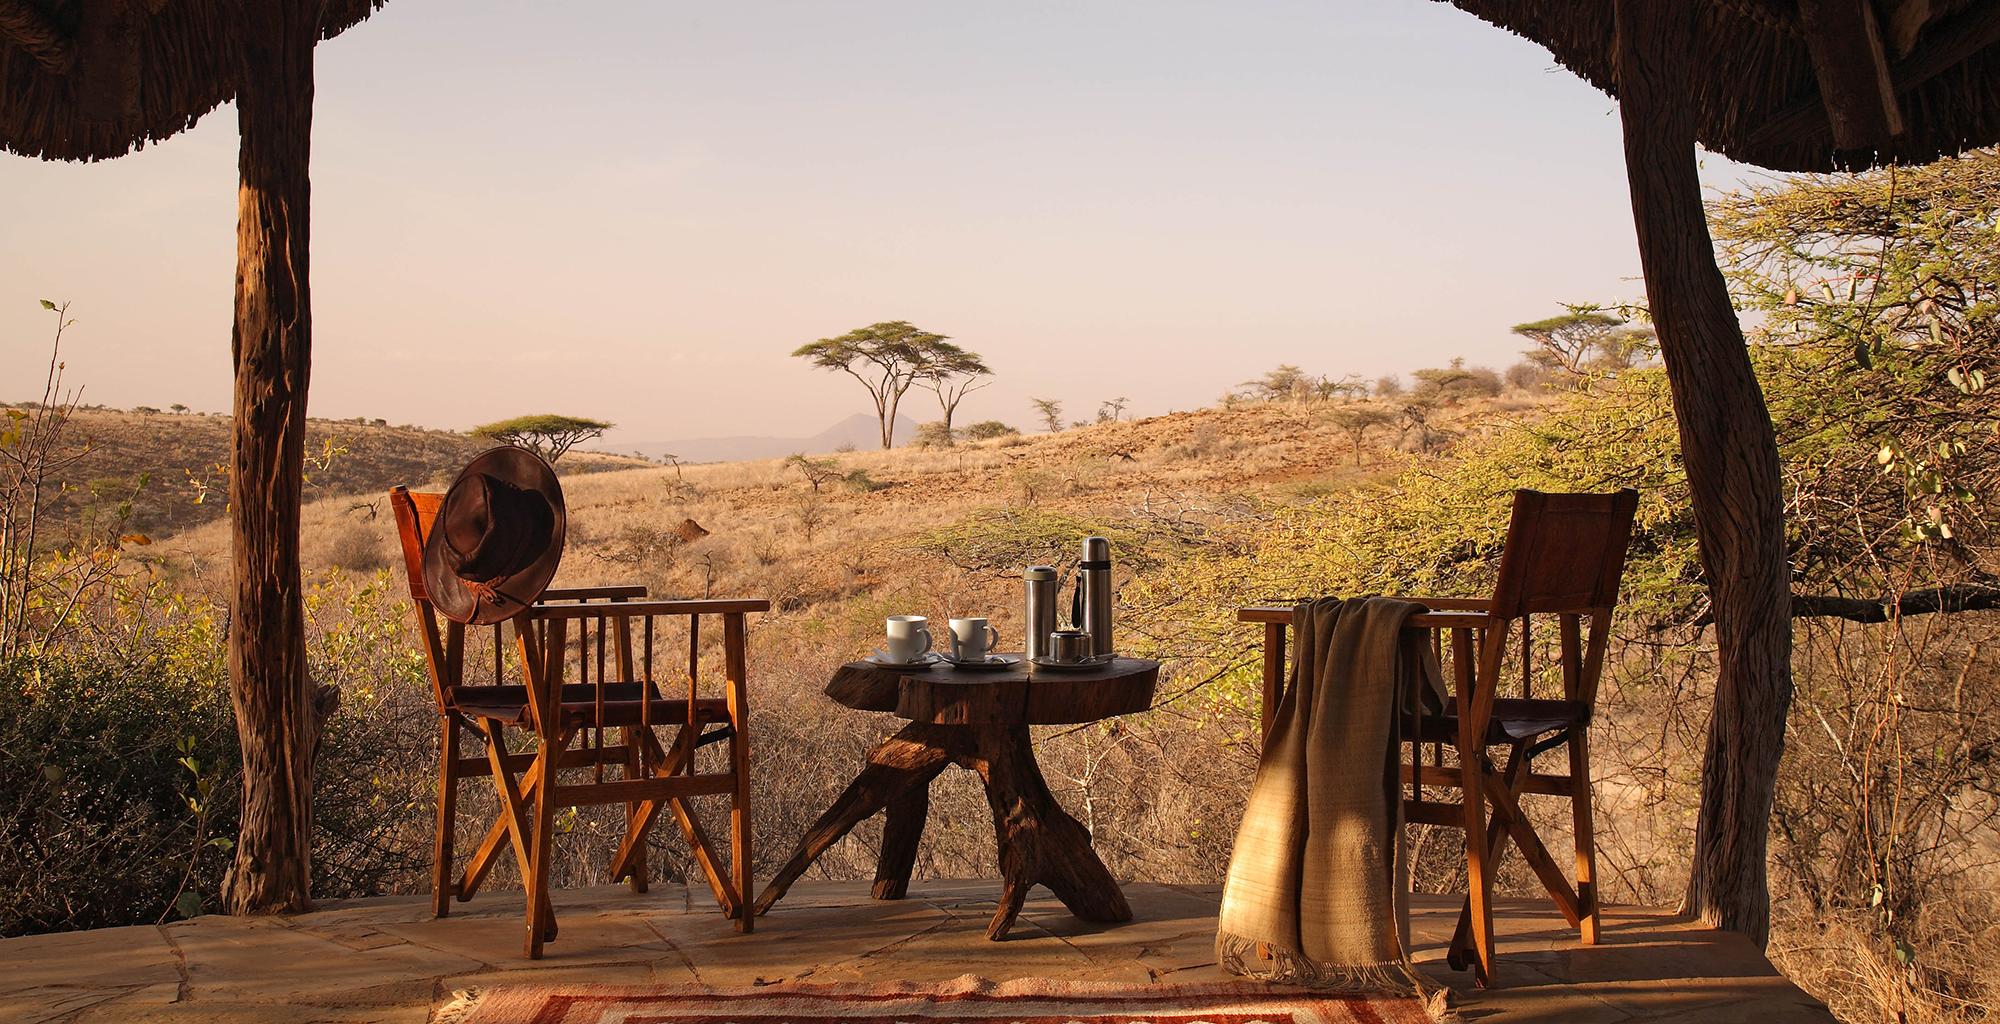 Kenya-Lewa-Safari-Camp-Deck-View